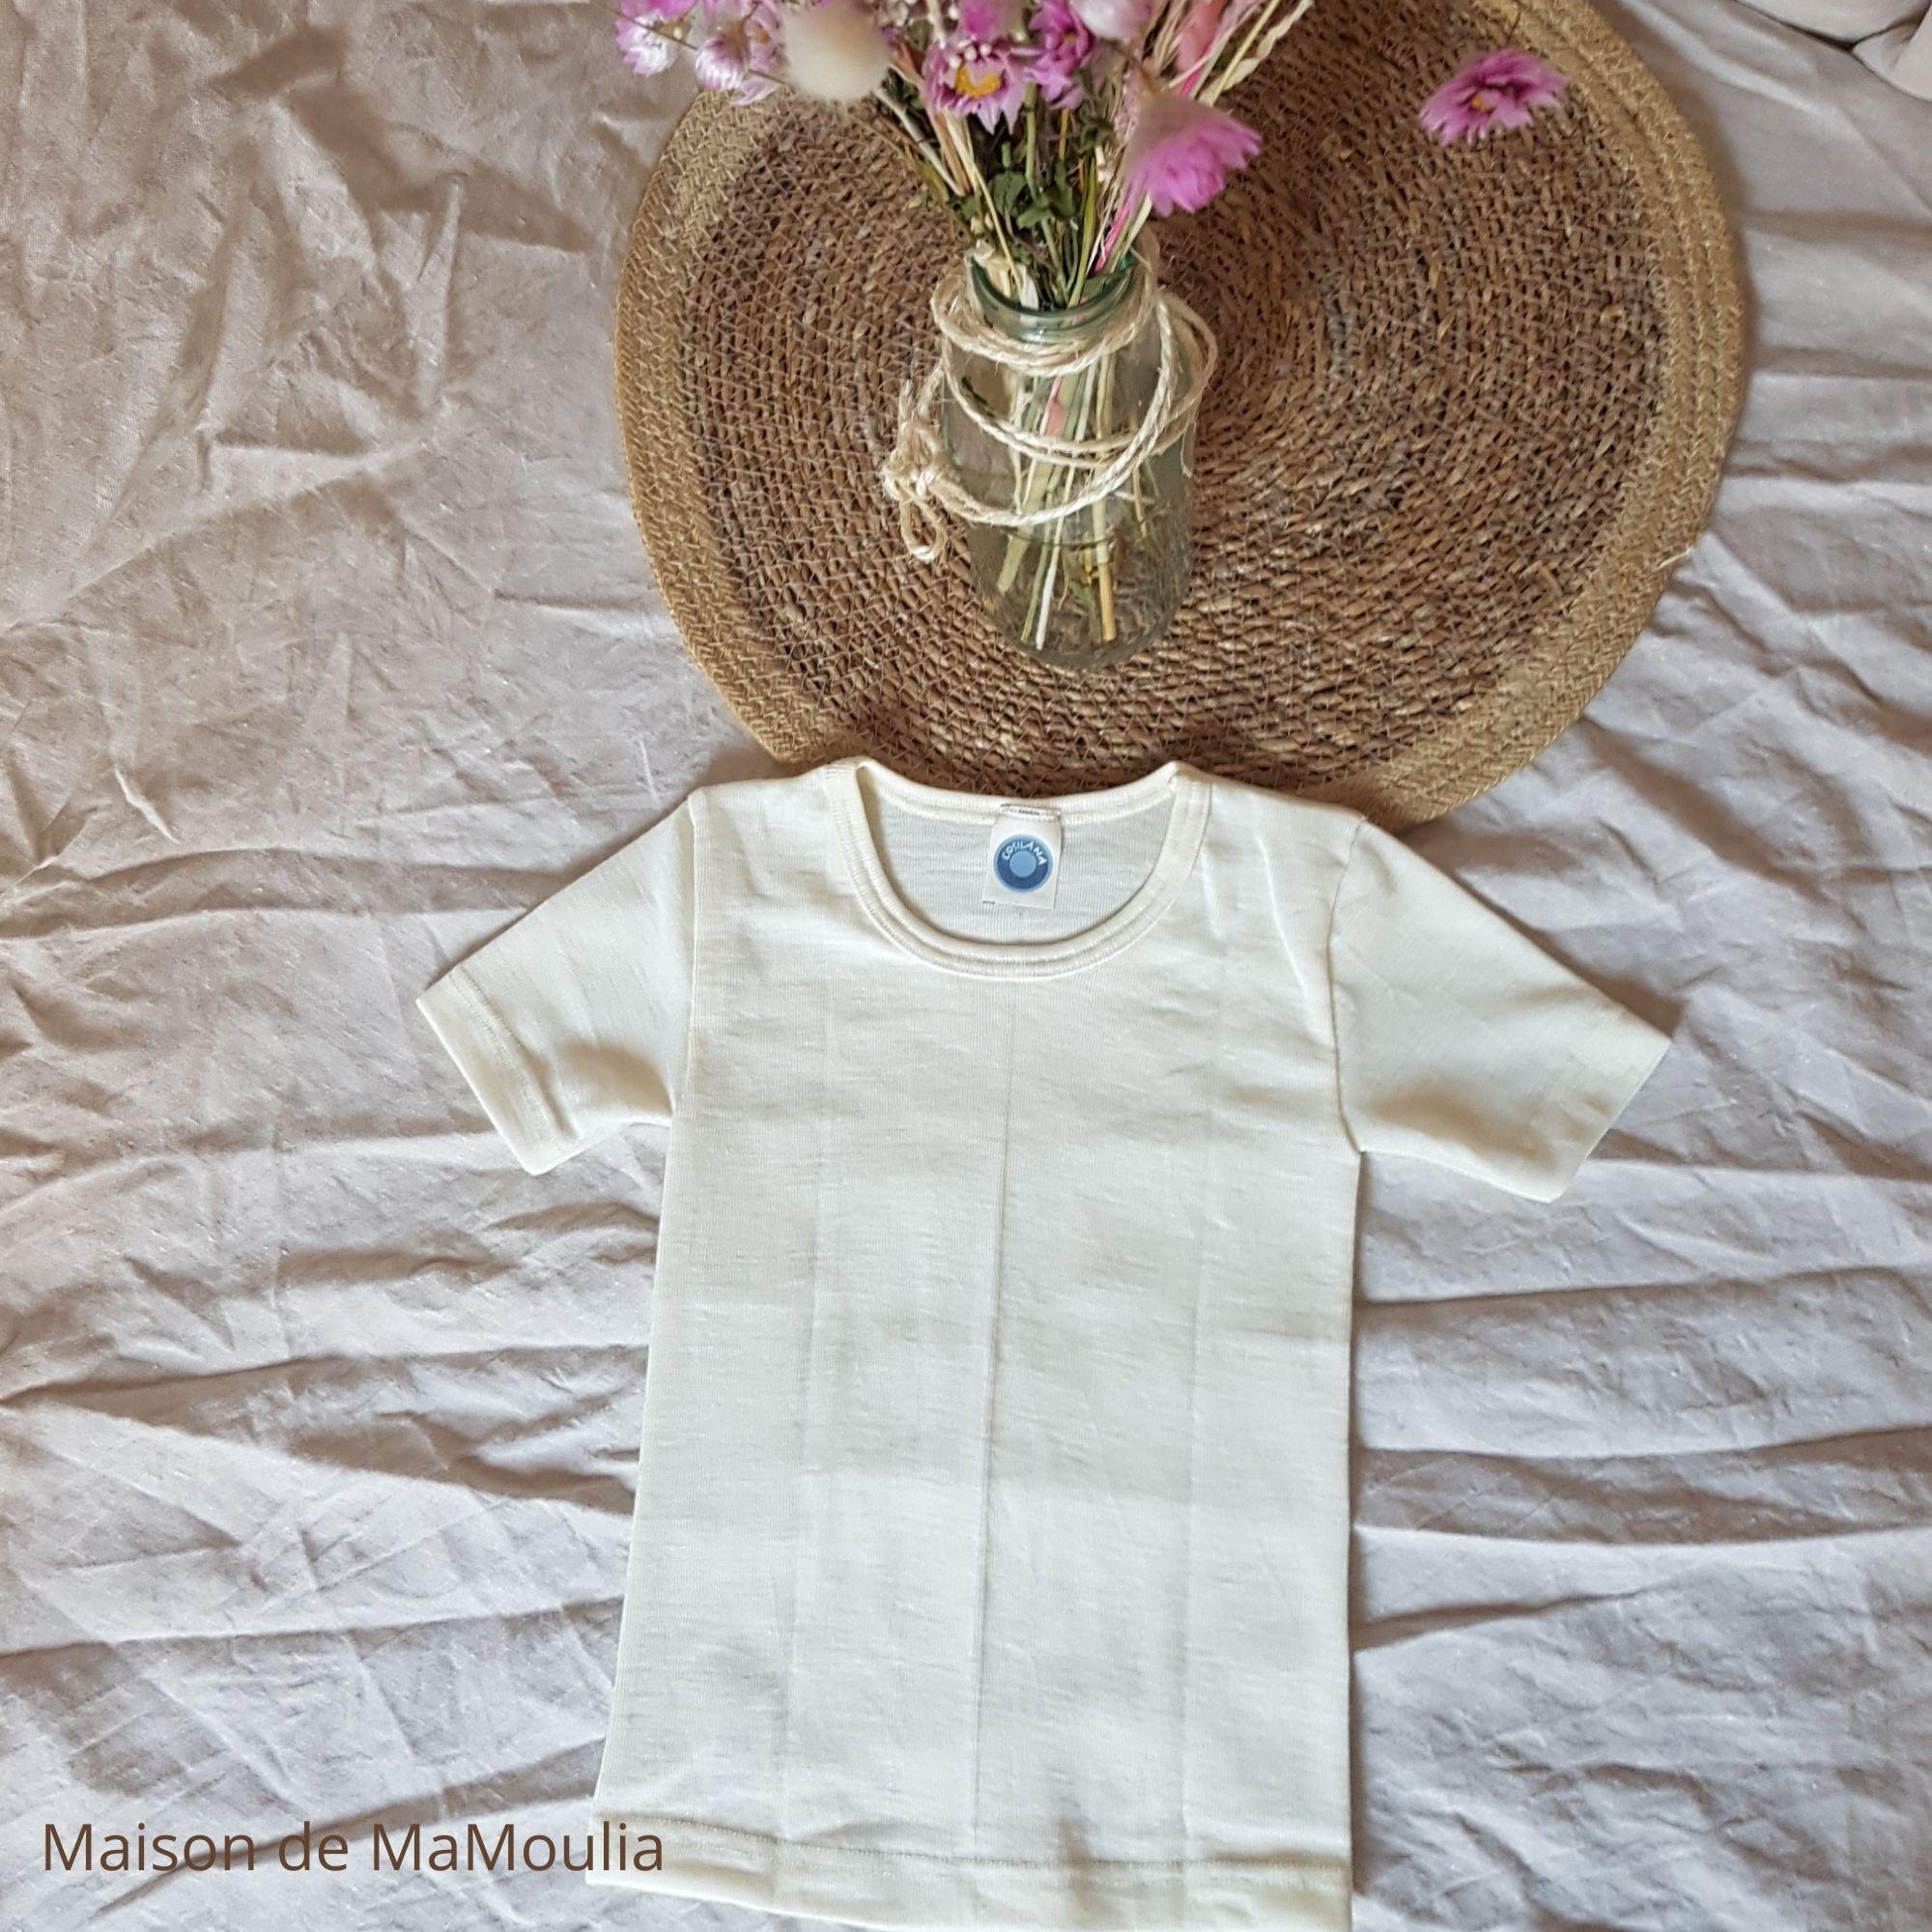 COSILANA - T-shirt thermorégulateur pour enfant - Manches courtes - 70% Laine/30% soie bio, Écru